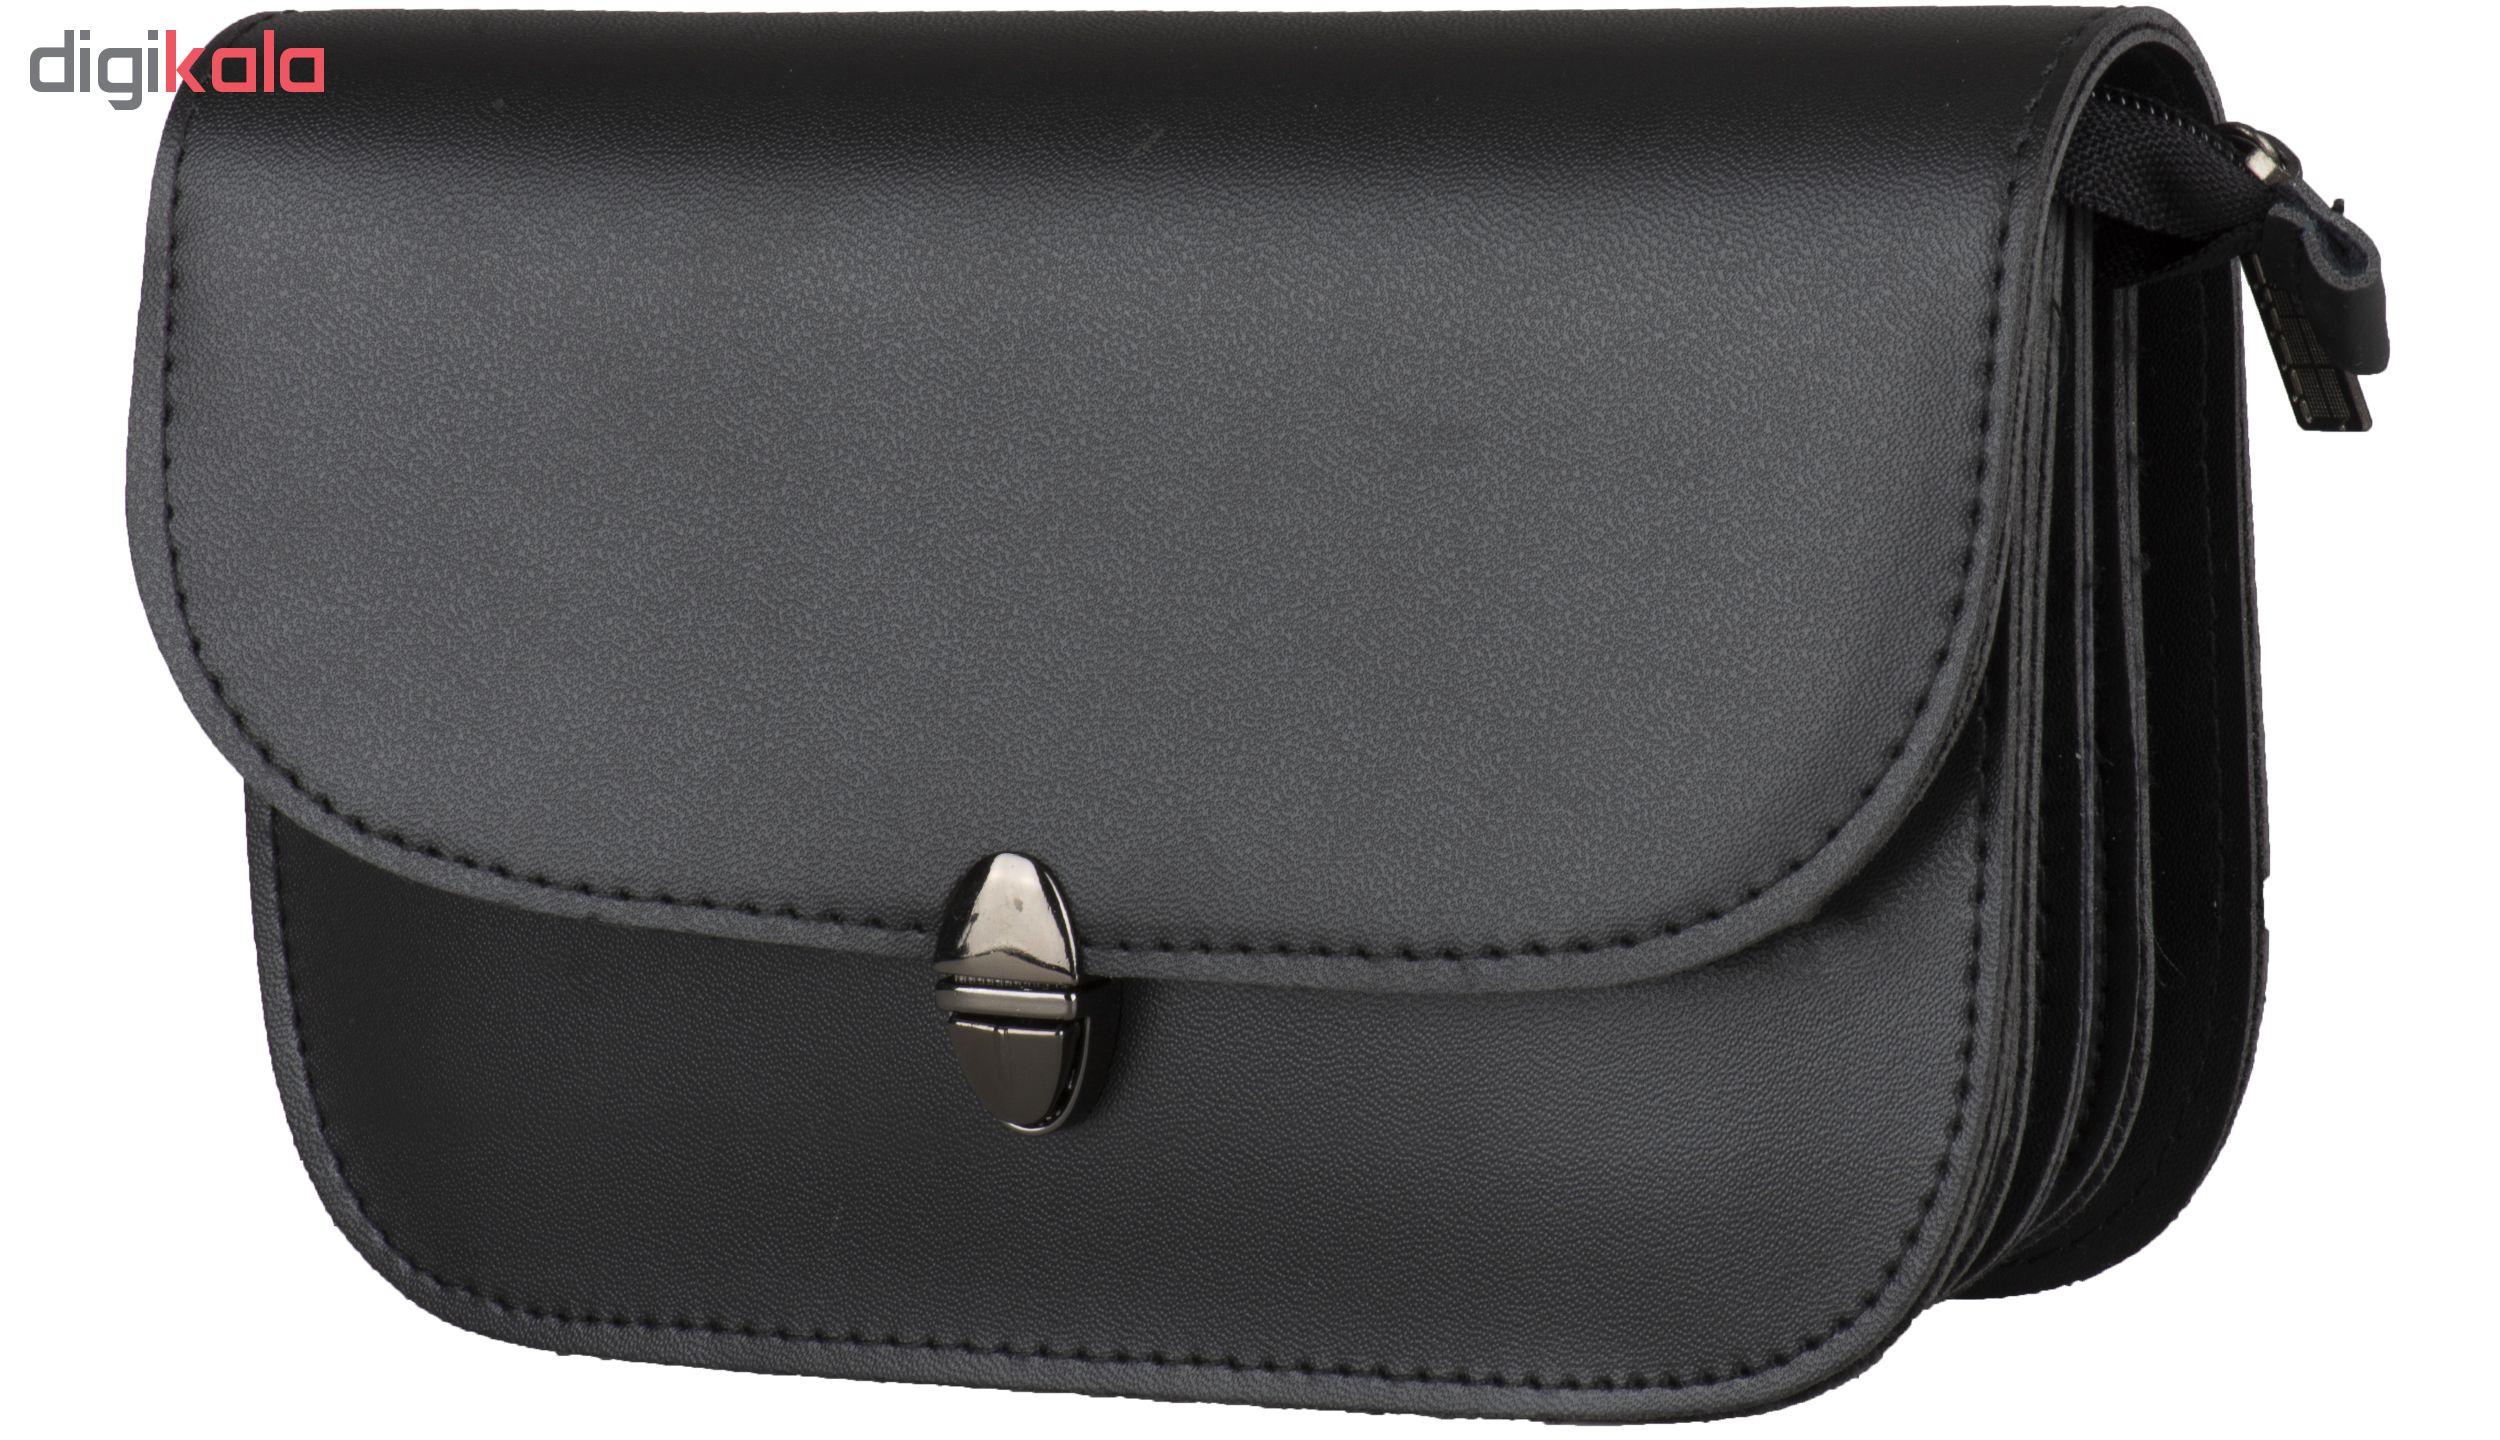 کیف دستی زنانه کد 2317